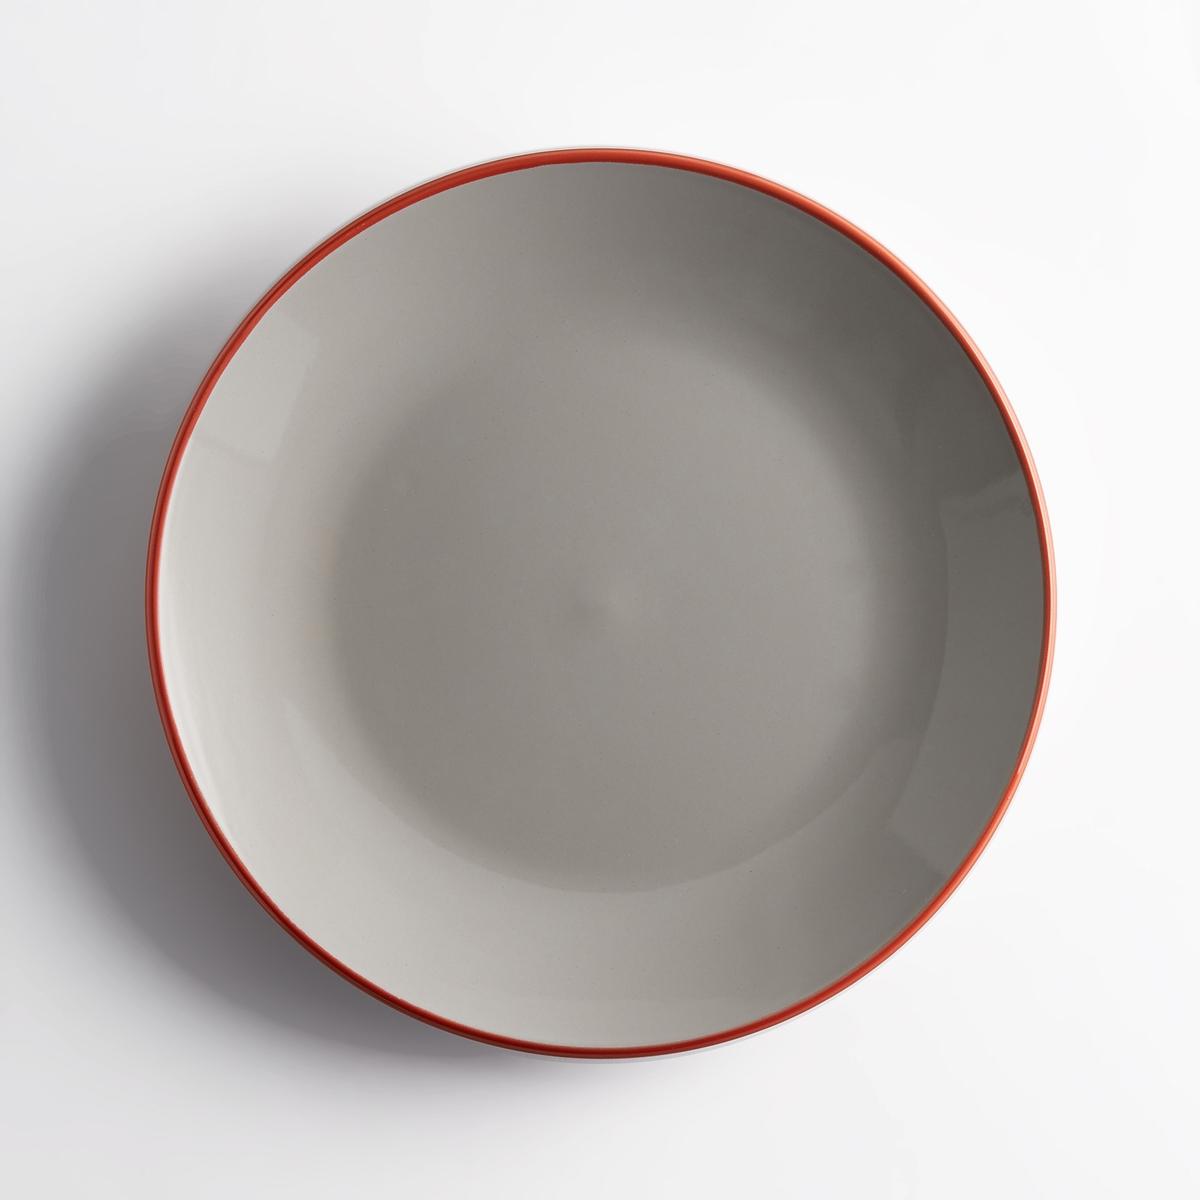 Комплект из 4 мелких тарелок из фаянса Dotka